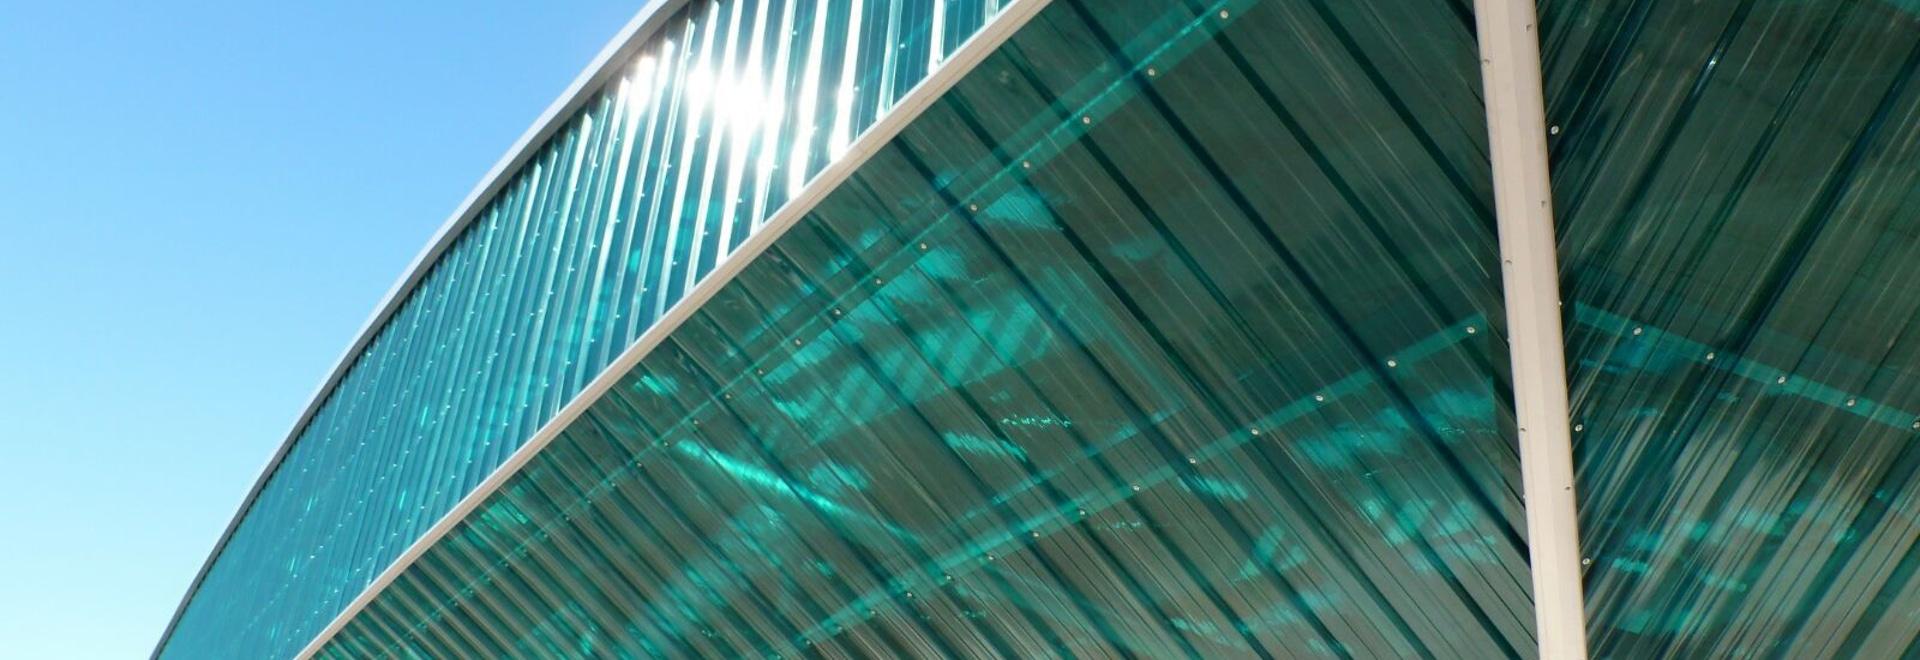 CUBIERTA CAMPO DE FESTA / SPAIN - SUNTUF® Solid polycarbonate panel